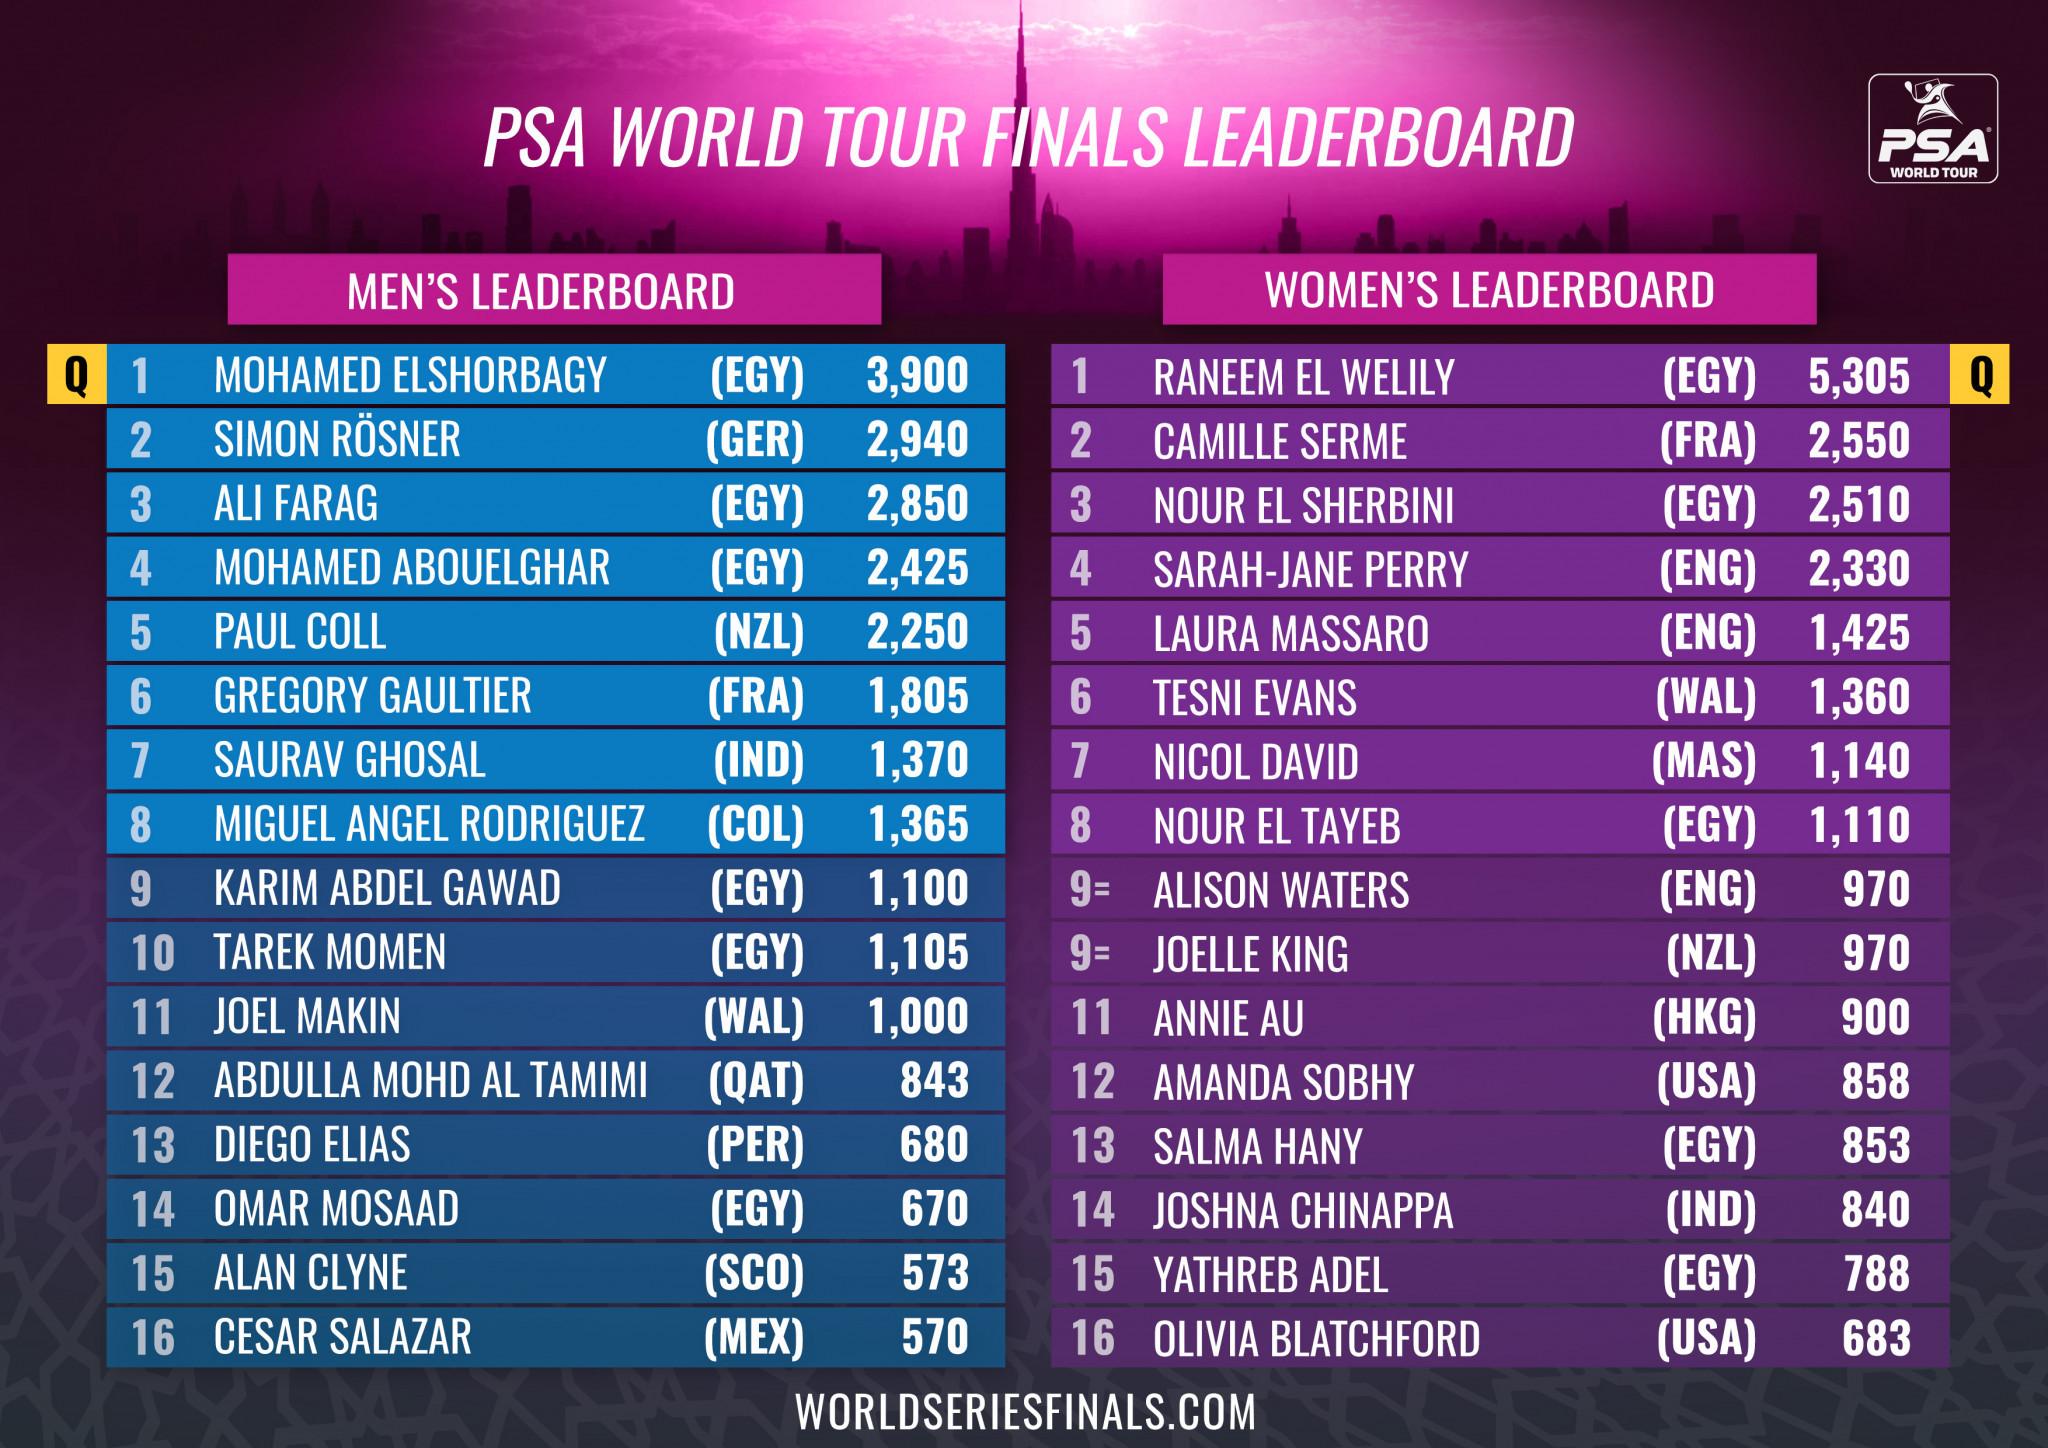 Elshorbagy and El Welily qualify for PSA World Tour Finals